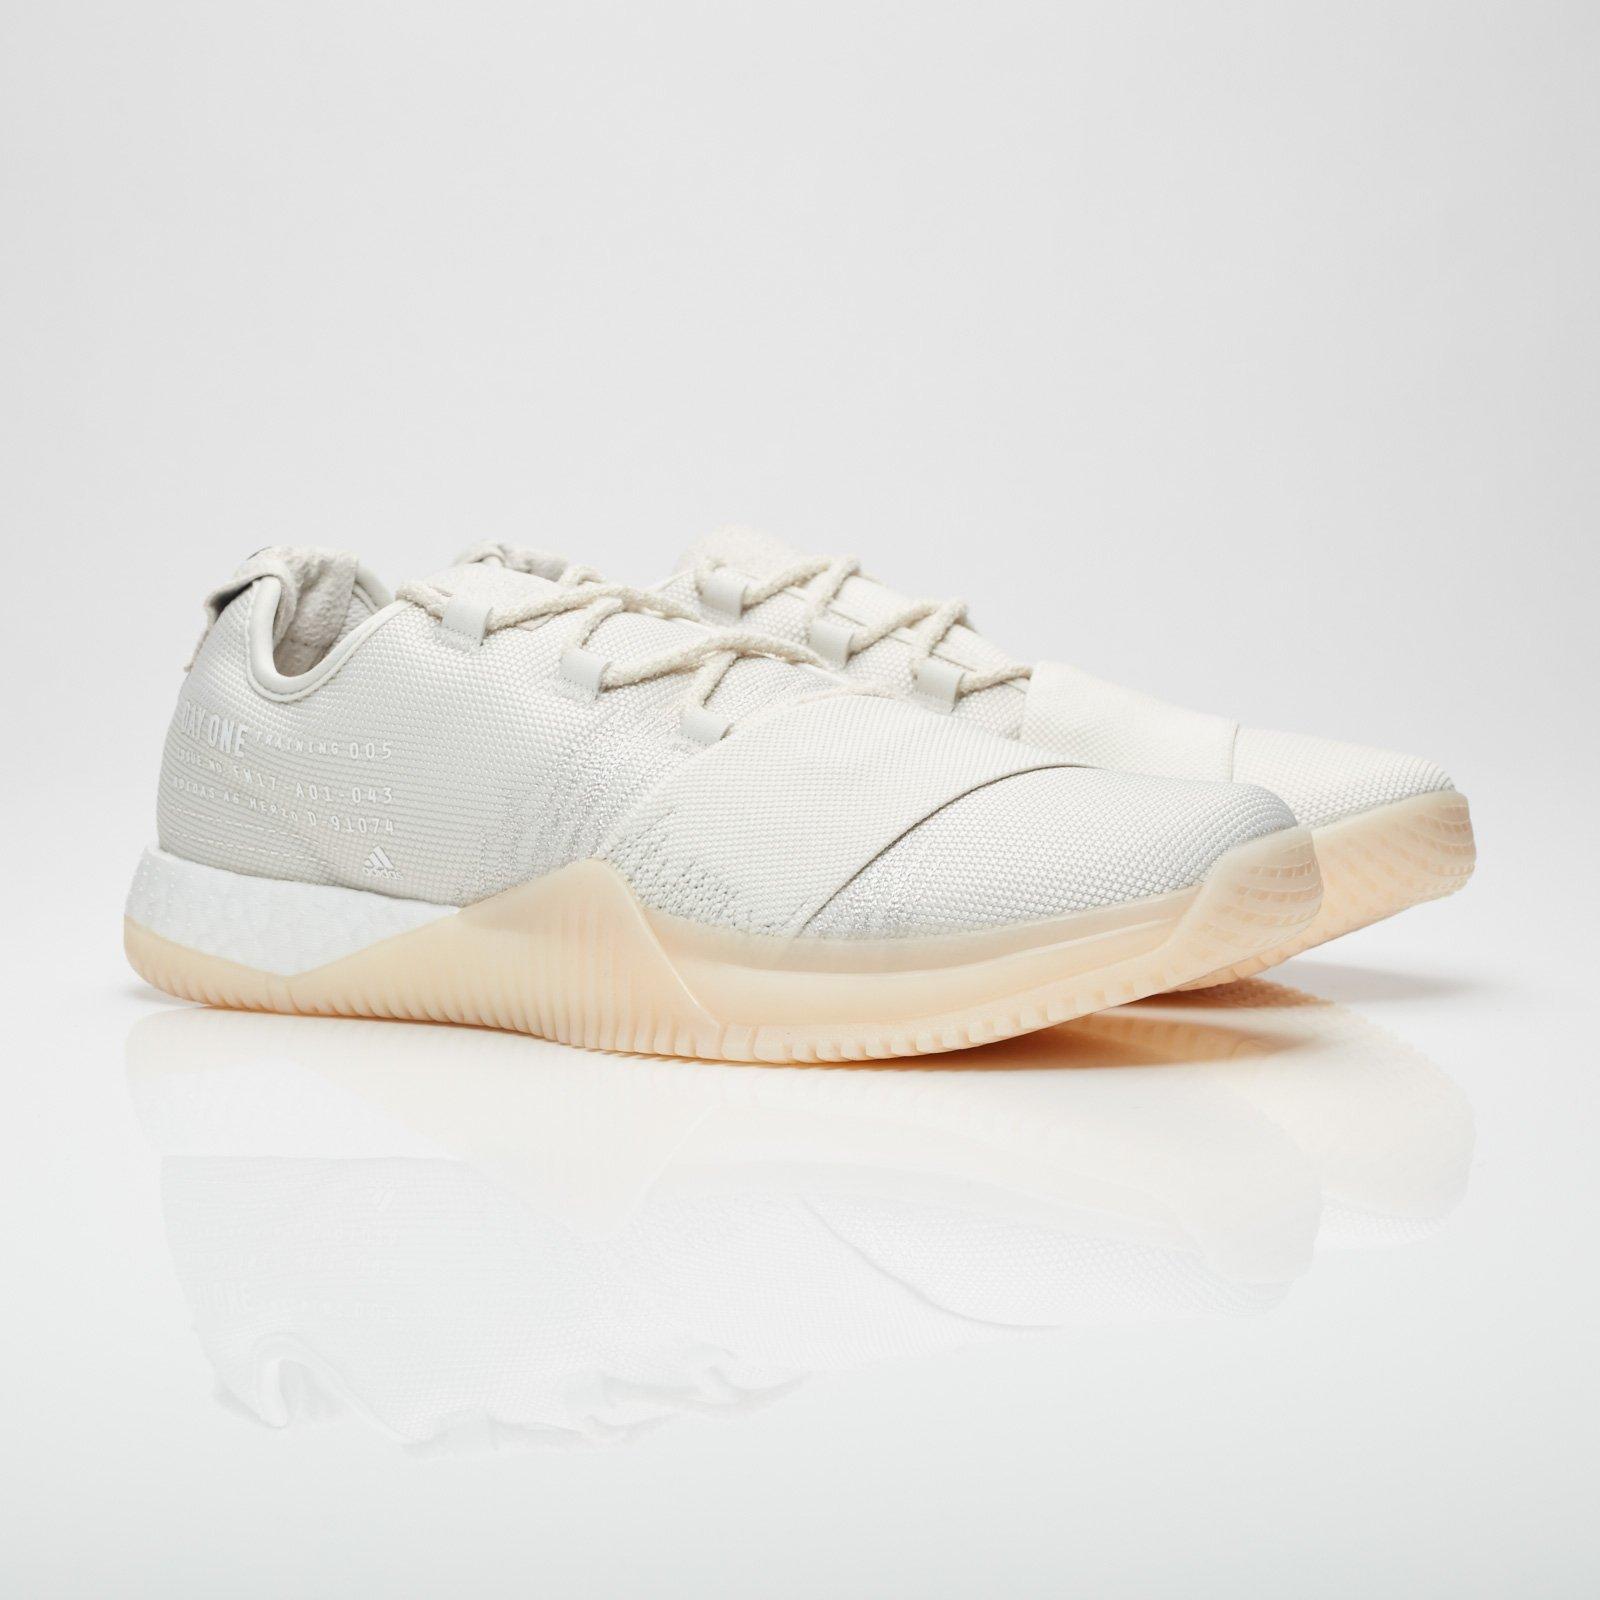 sports shoes dc66e 7ce9d adidas Consortium ADO CrazyTrain